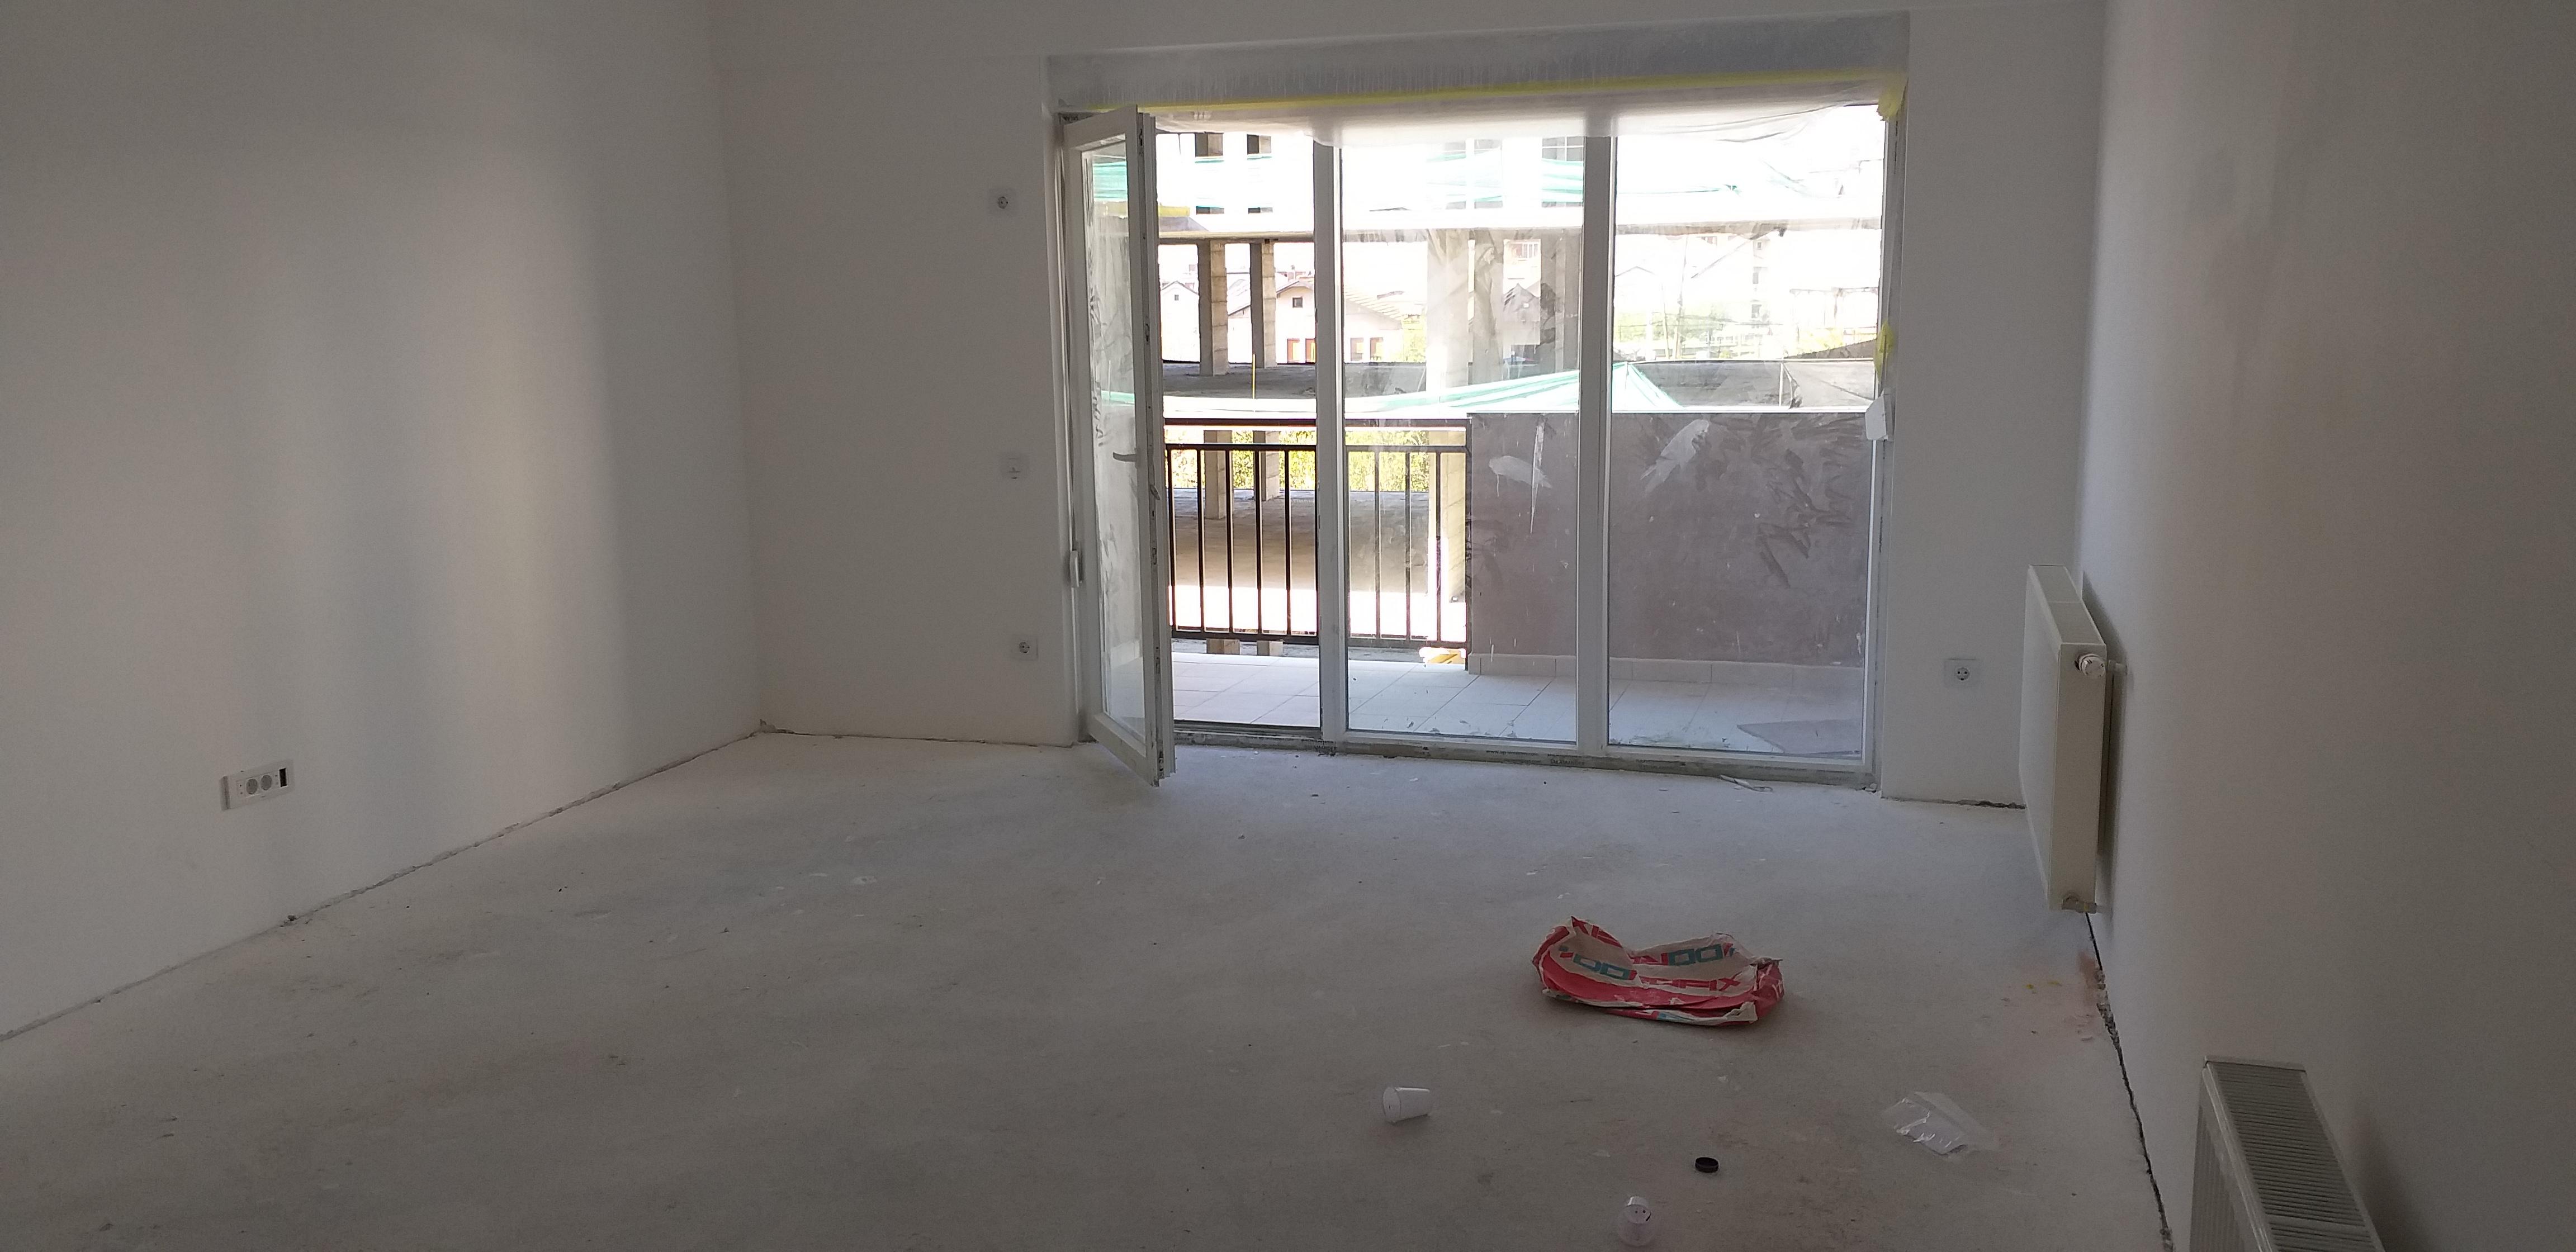 Shitet banesa 3 dhomëshe 83m2 kati 4 Mati 1 te Depo Përparimi